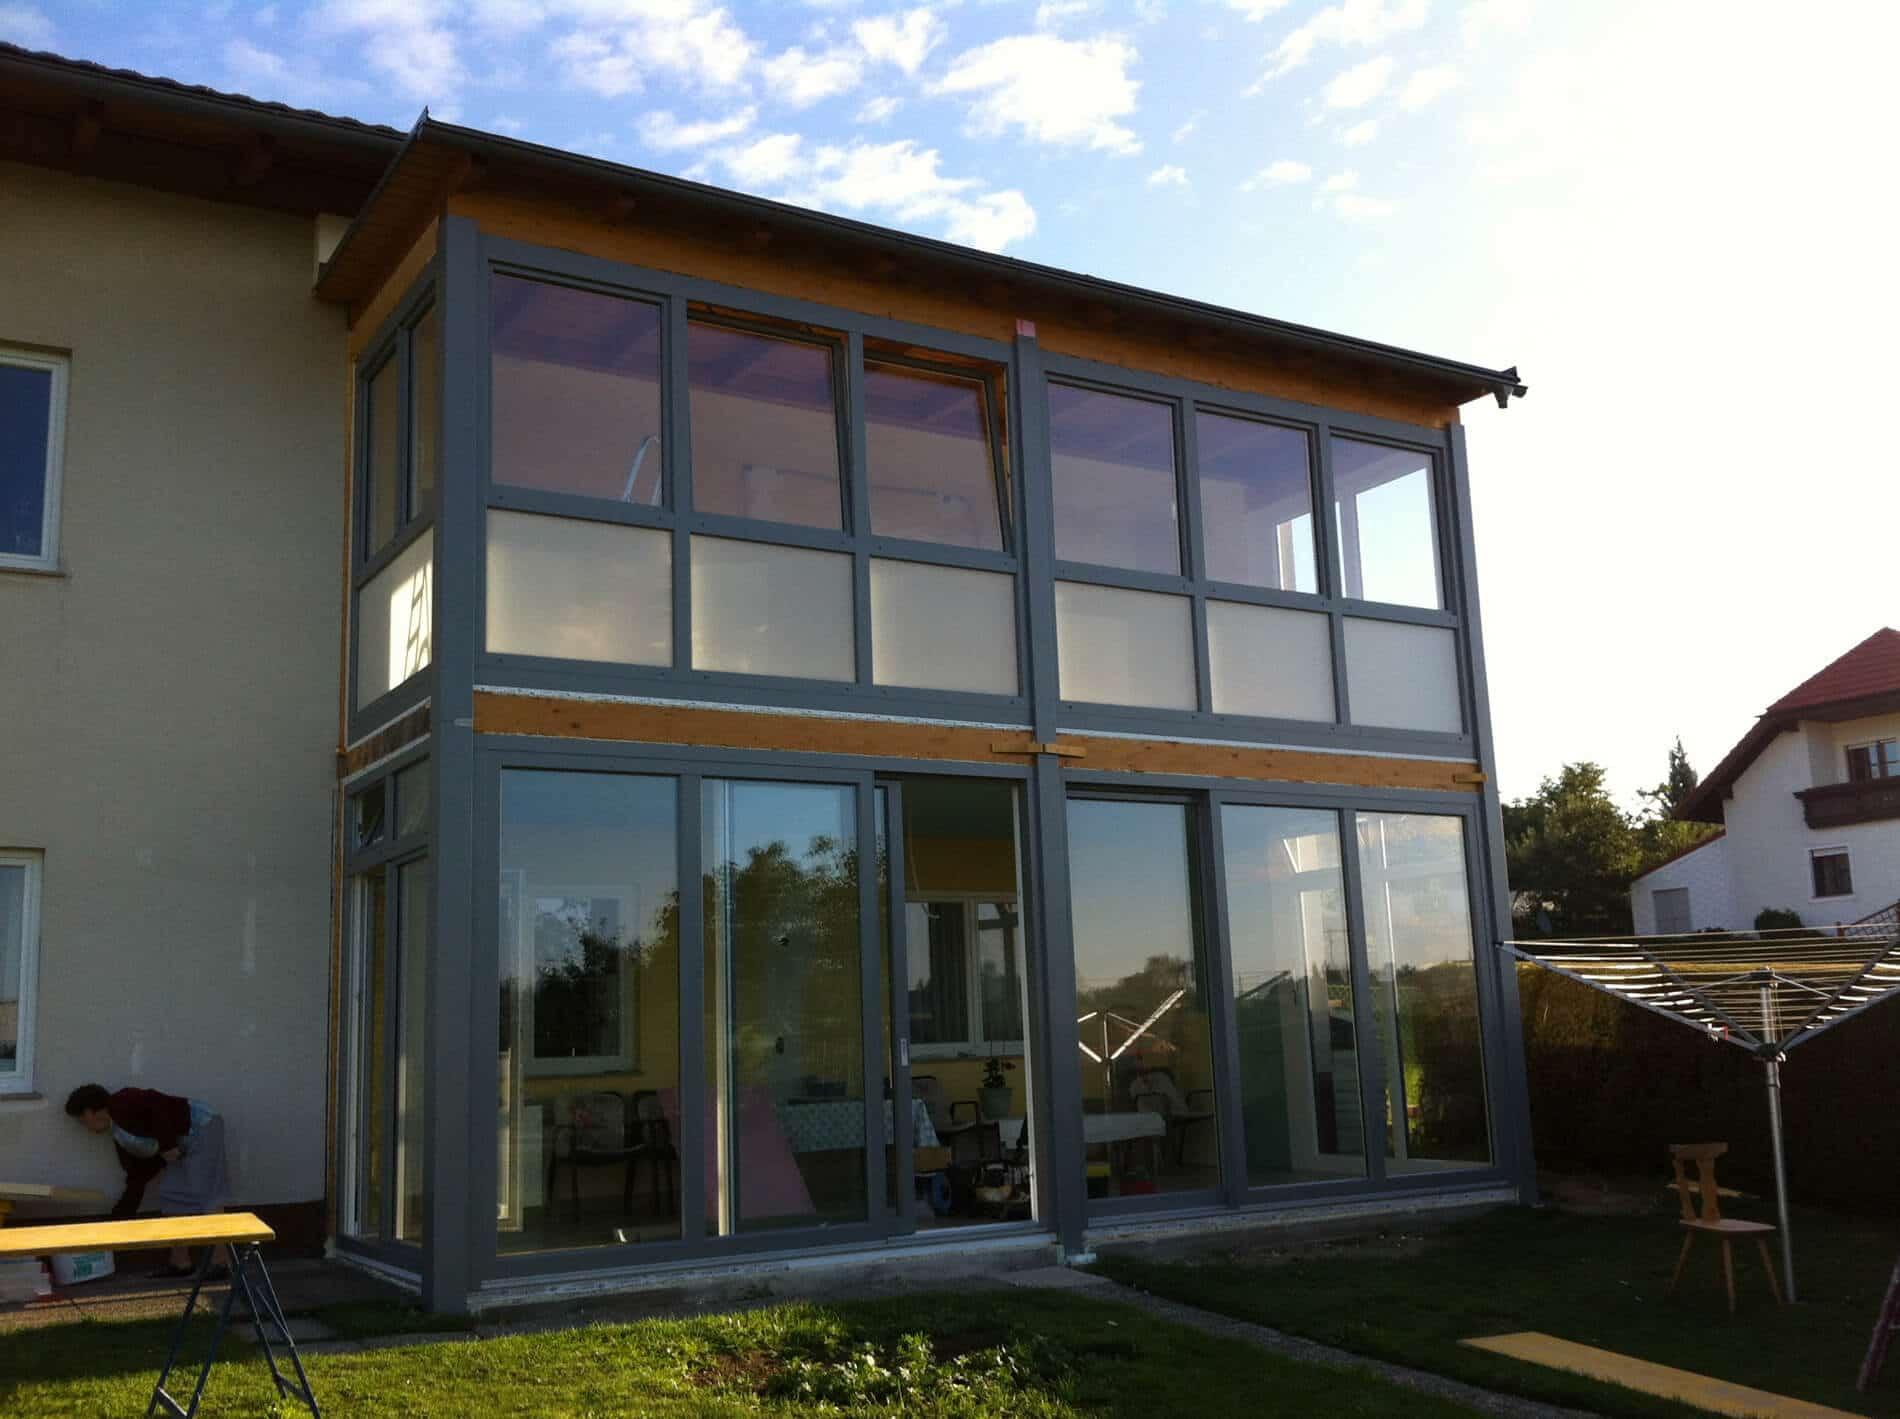 Wintergartenmontage in Leimbinder-Holzkonstruktion